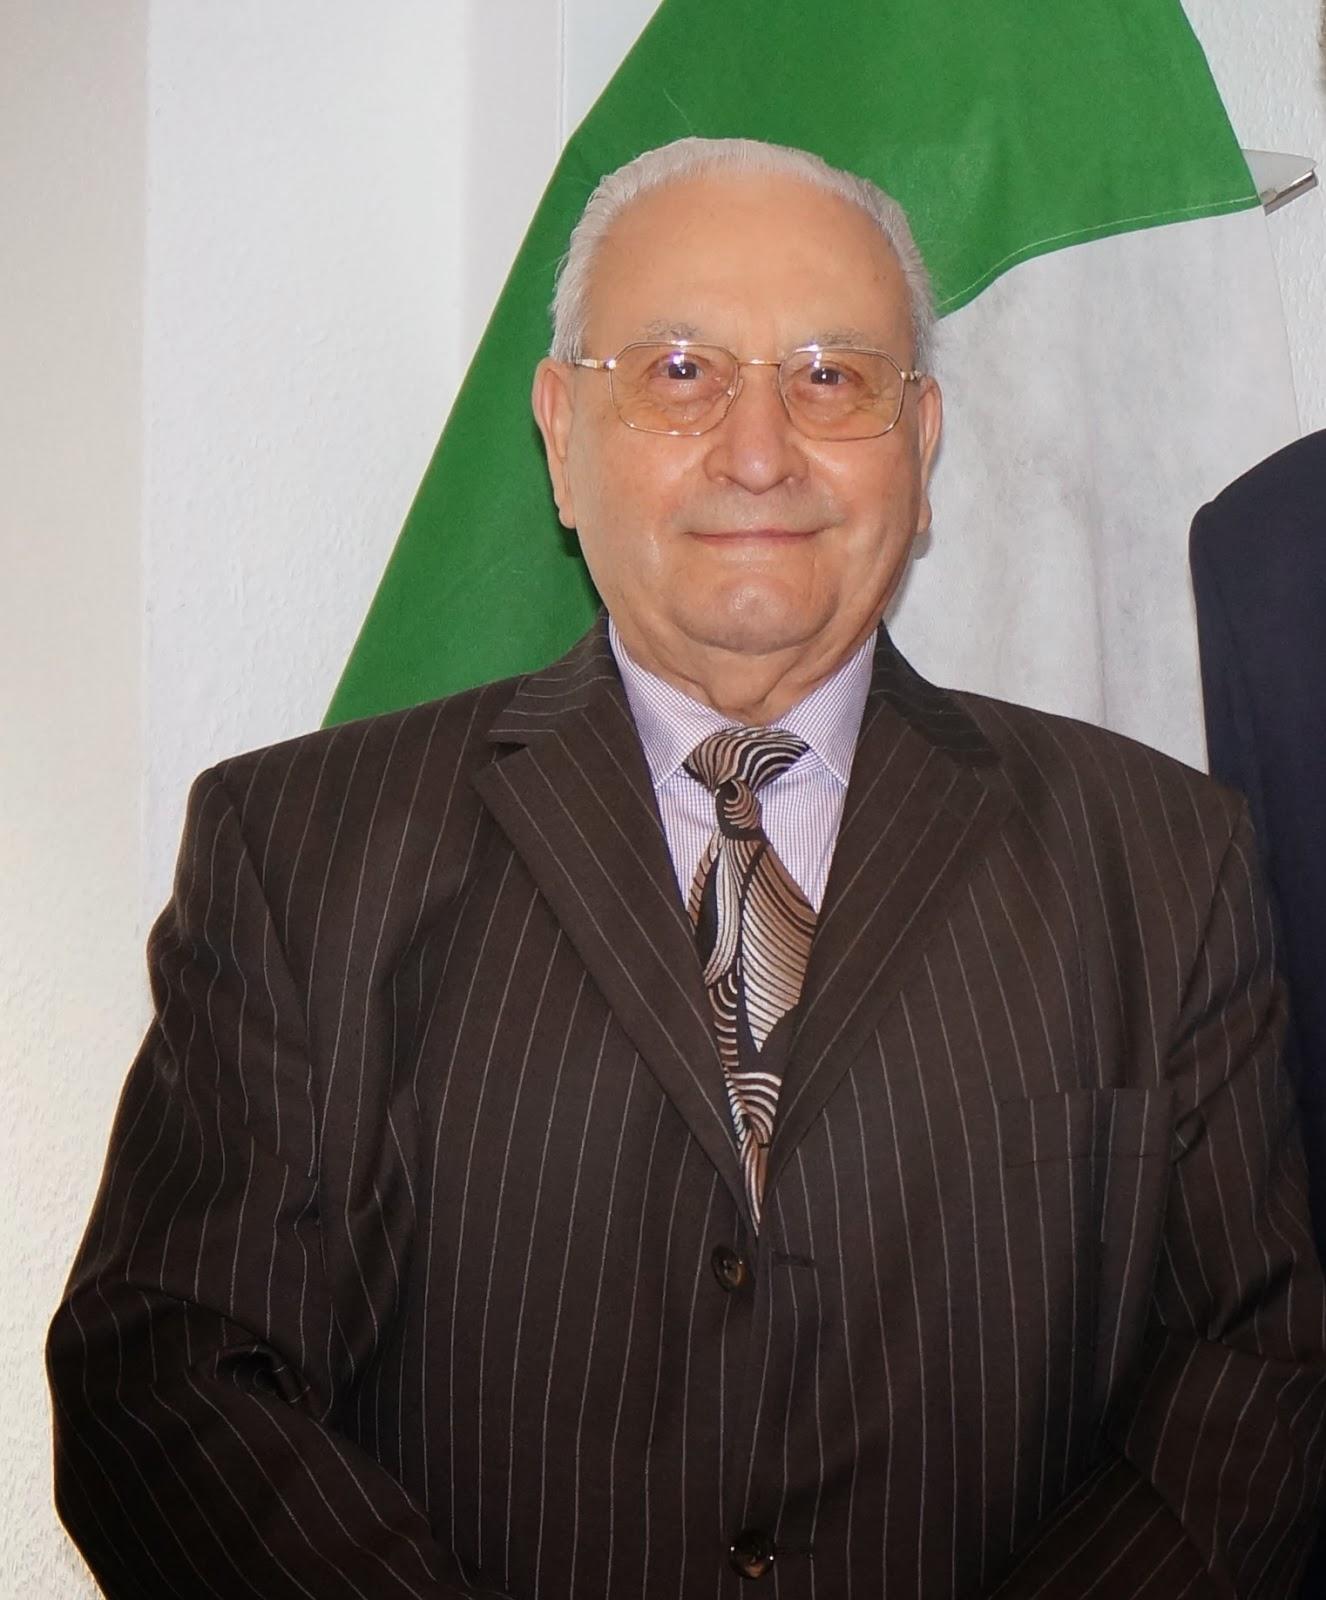 Giuseppe scigliano novembre 2013 for Email senatori italiani